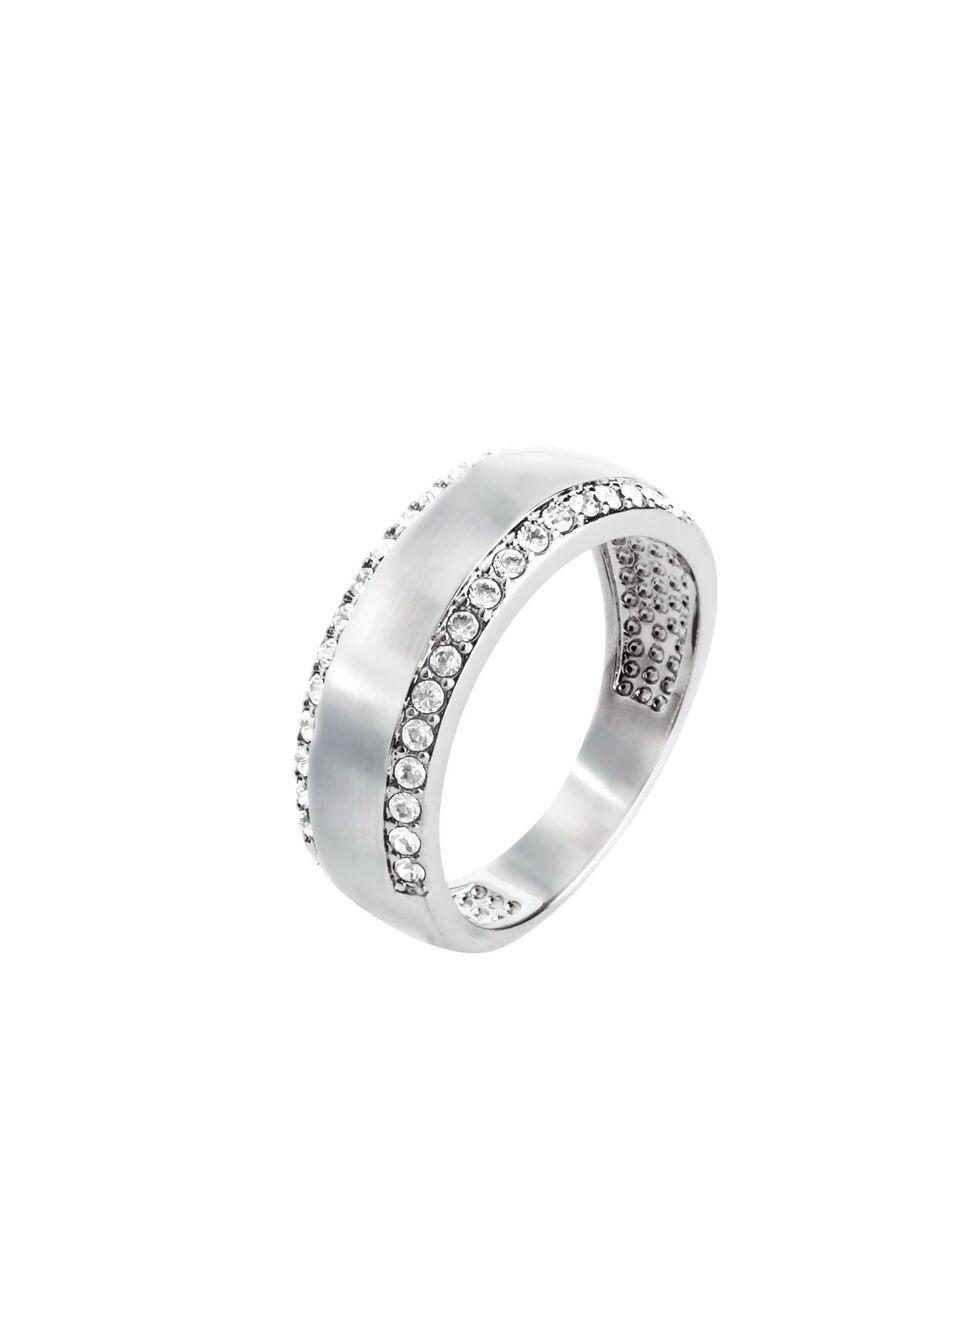 Pierścionek z kryształami Swarovskiego® bonprix srebrny kolor rodowany